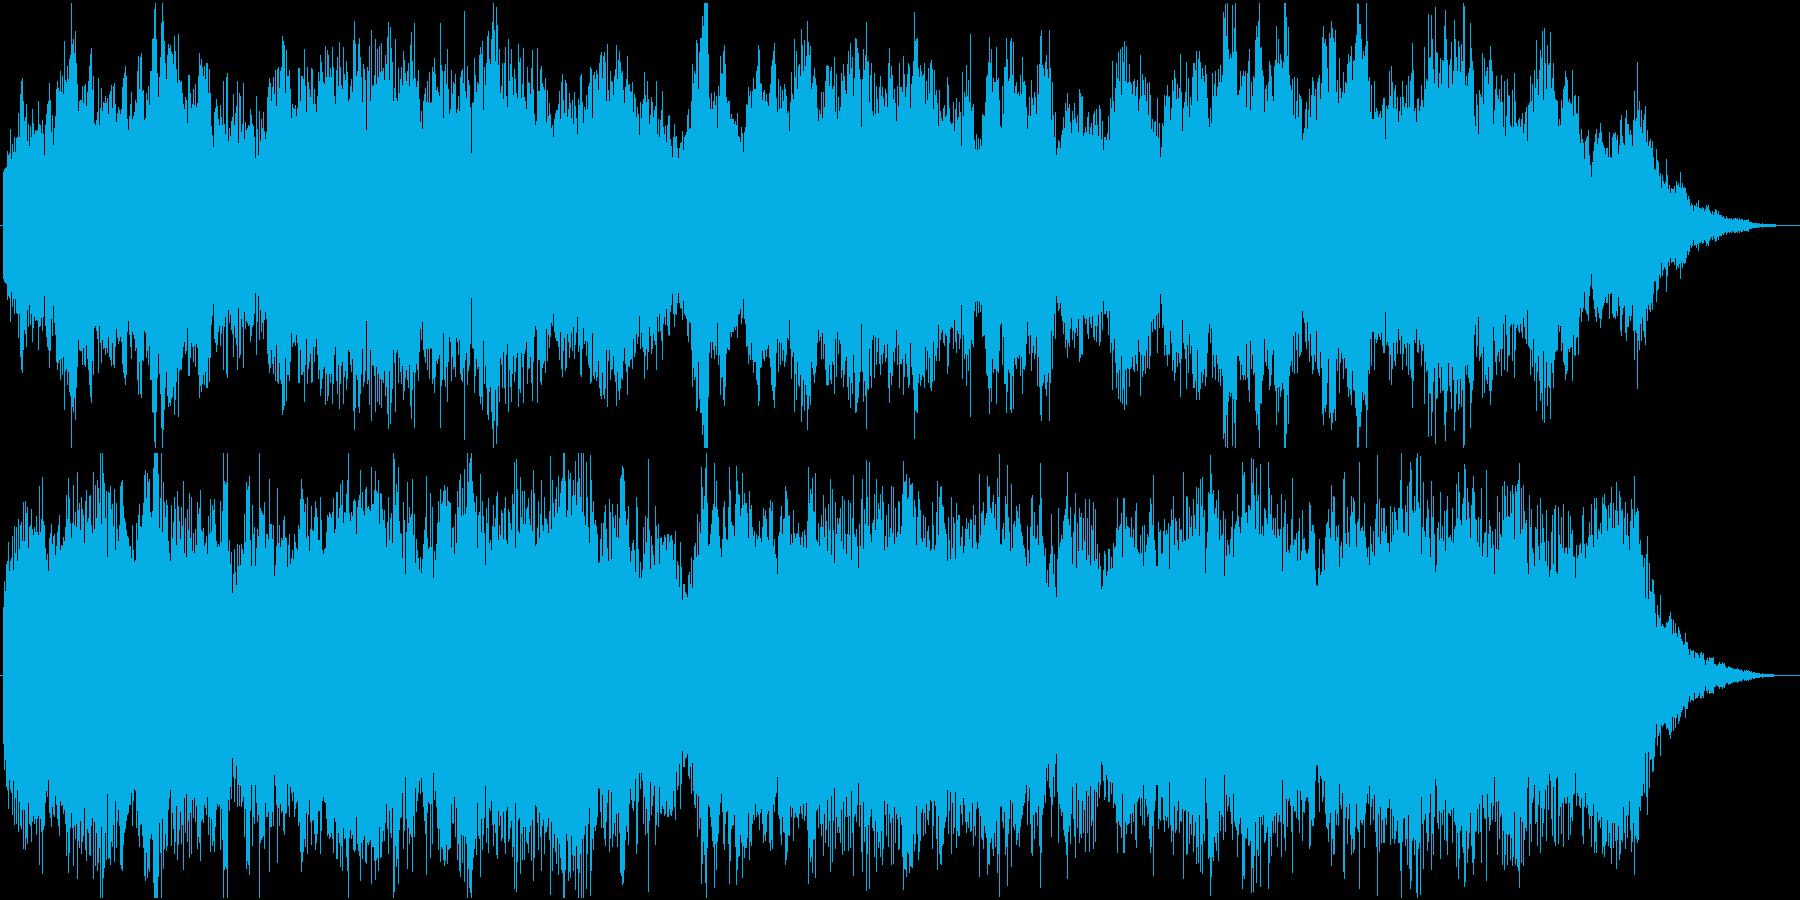 夢の中等の幻想的な雰囲気の約30秒の曲の再生済みの波形